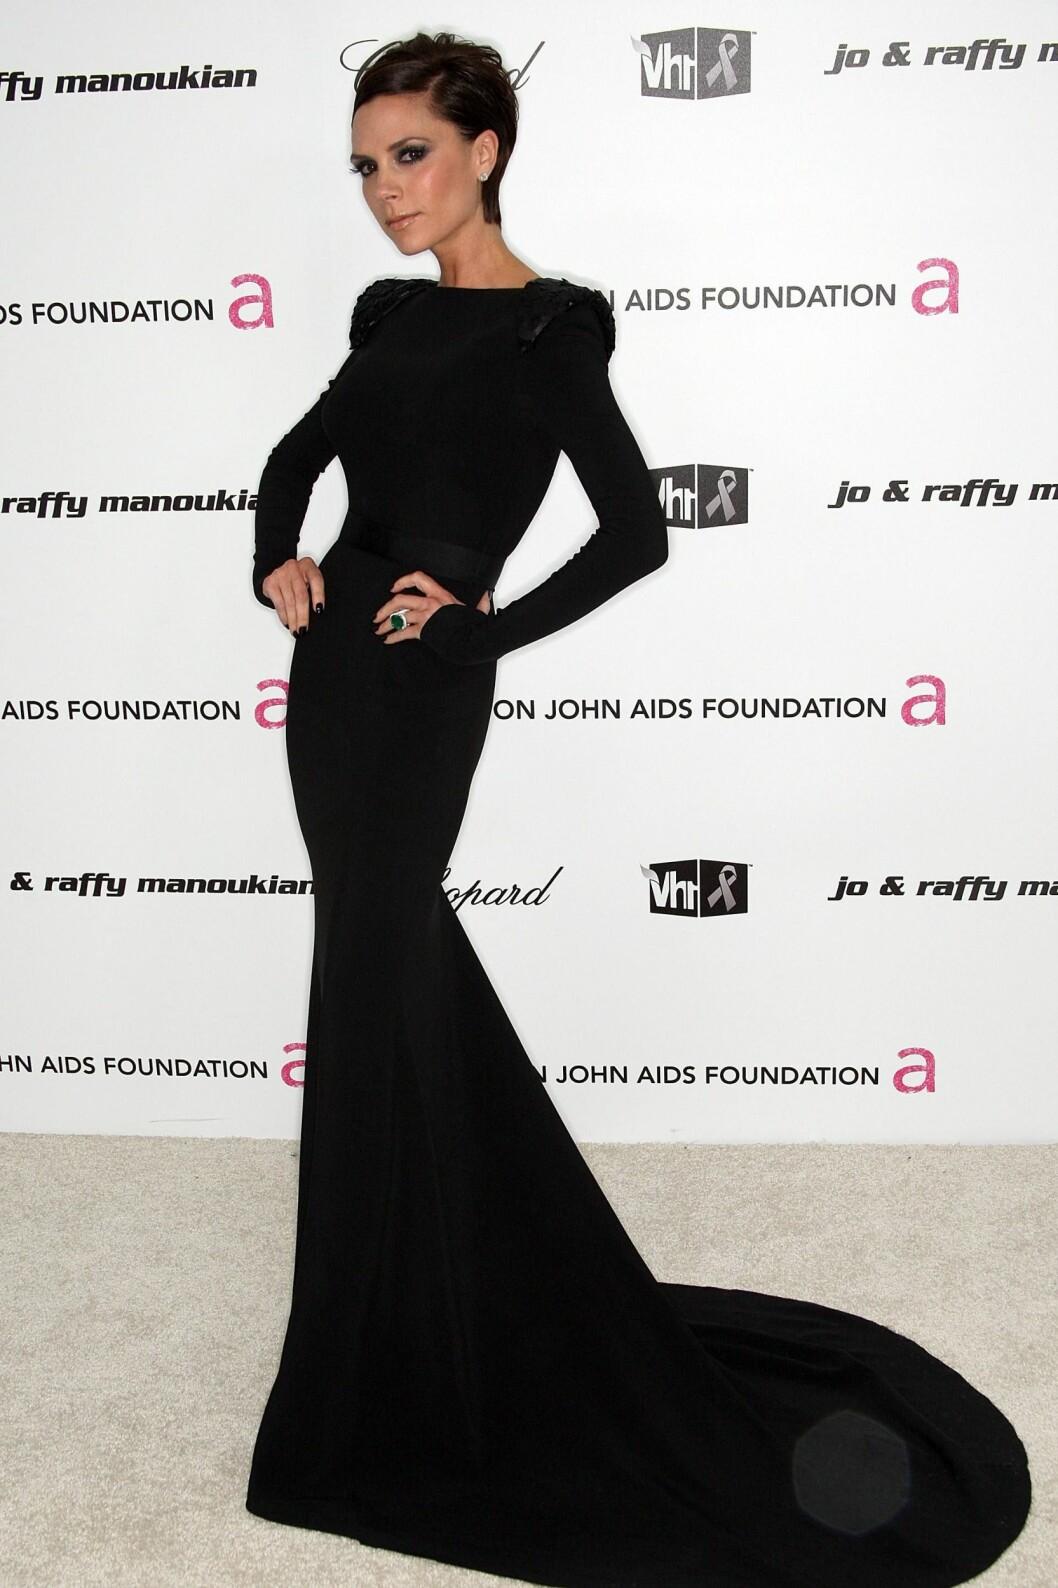 I EGEN DESIGN: Victoria Beckham i en flott selvdesignet kjole, som nesten får henne til å se ut som en tegneseriefigur. Foto: All Over Press